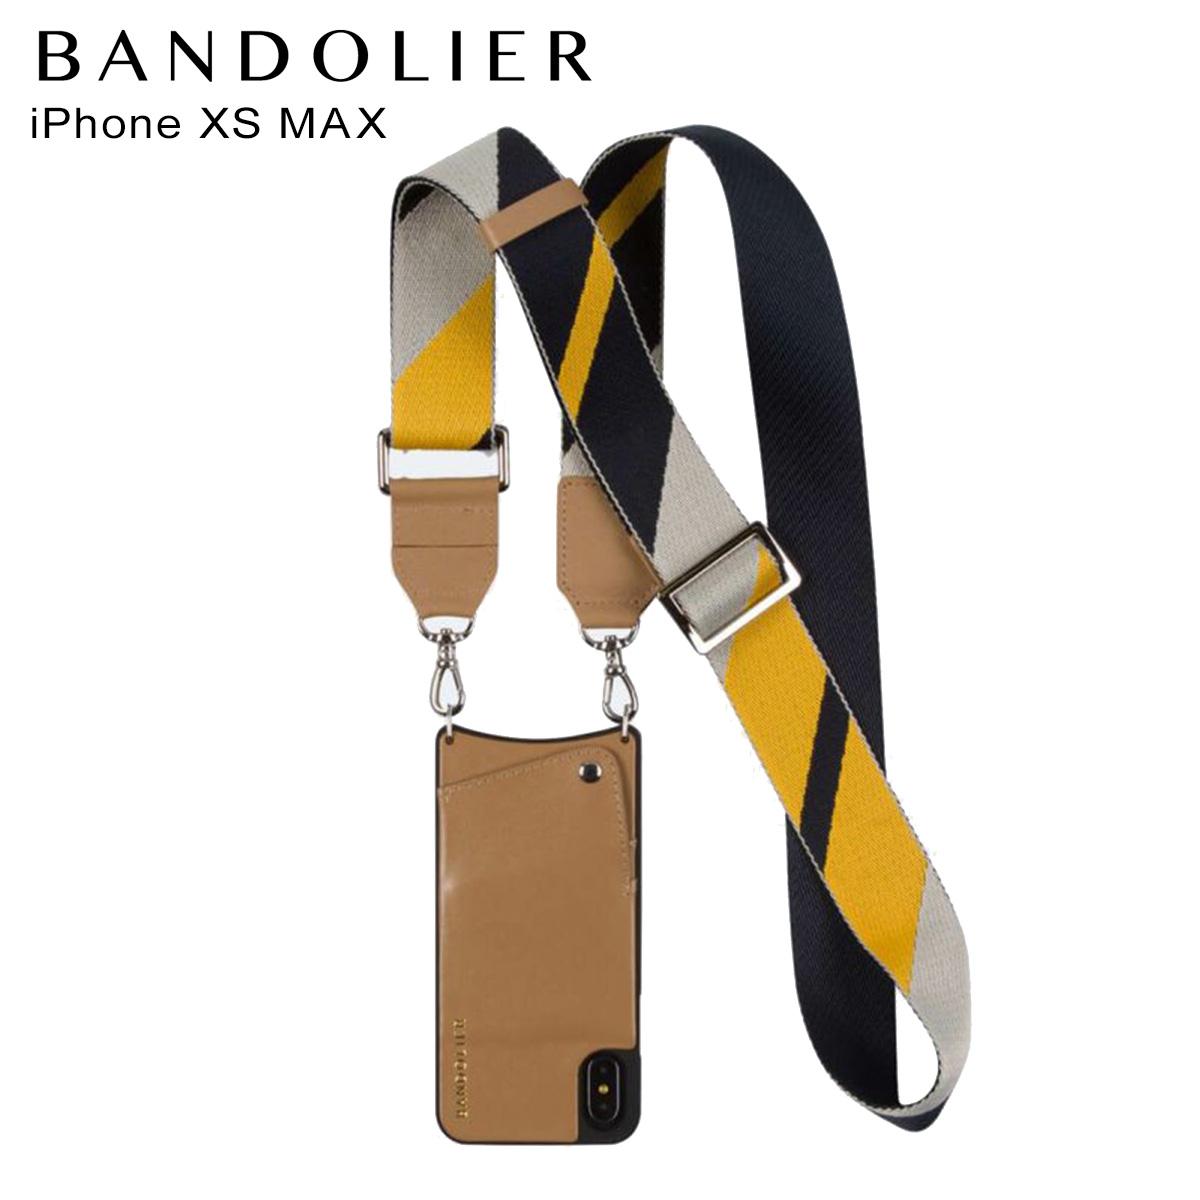 バンドリヤー BANDOLIER iPhone XS MAX ケース スマホ 携帯 レディース BELLA TAN NAVY キャメル 10bel